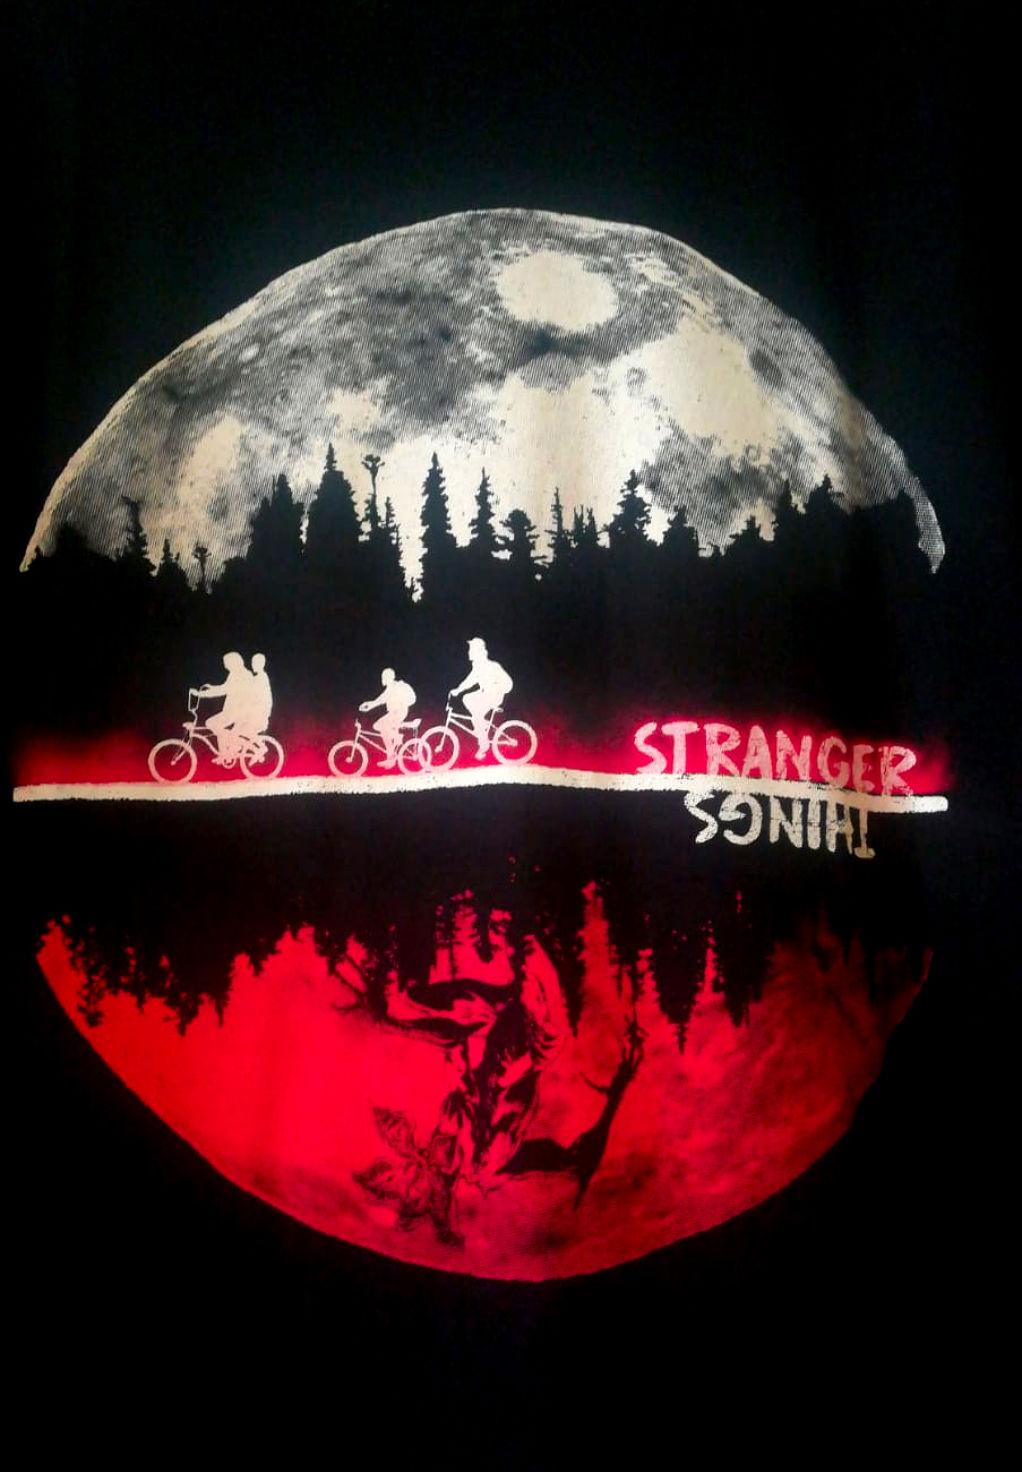 Stranger Things - be0e9-camiseta-stranger-things-4.jpg